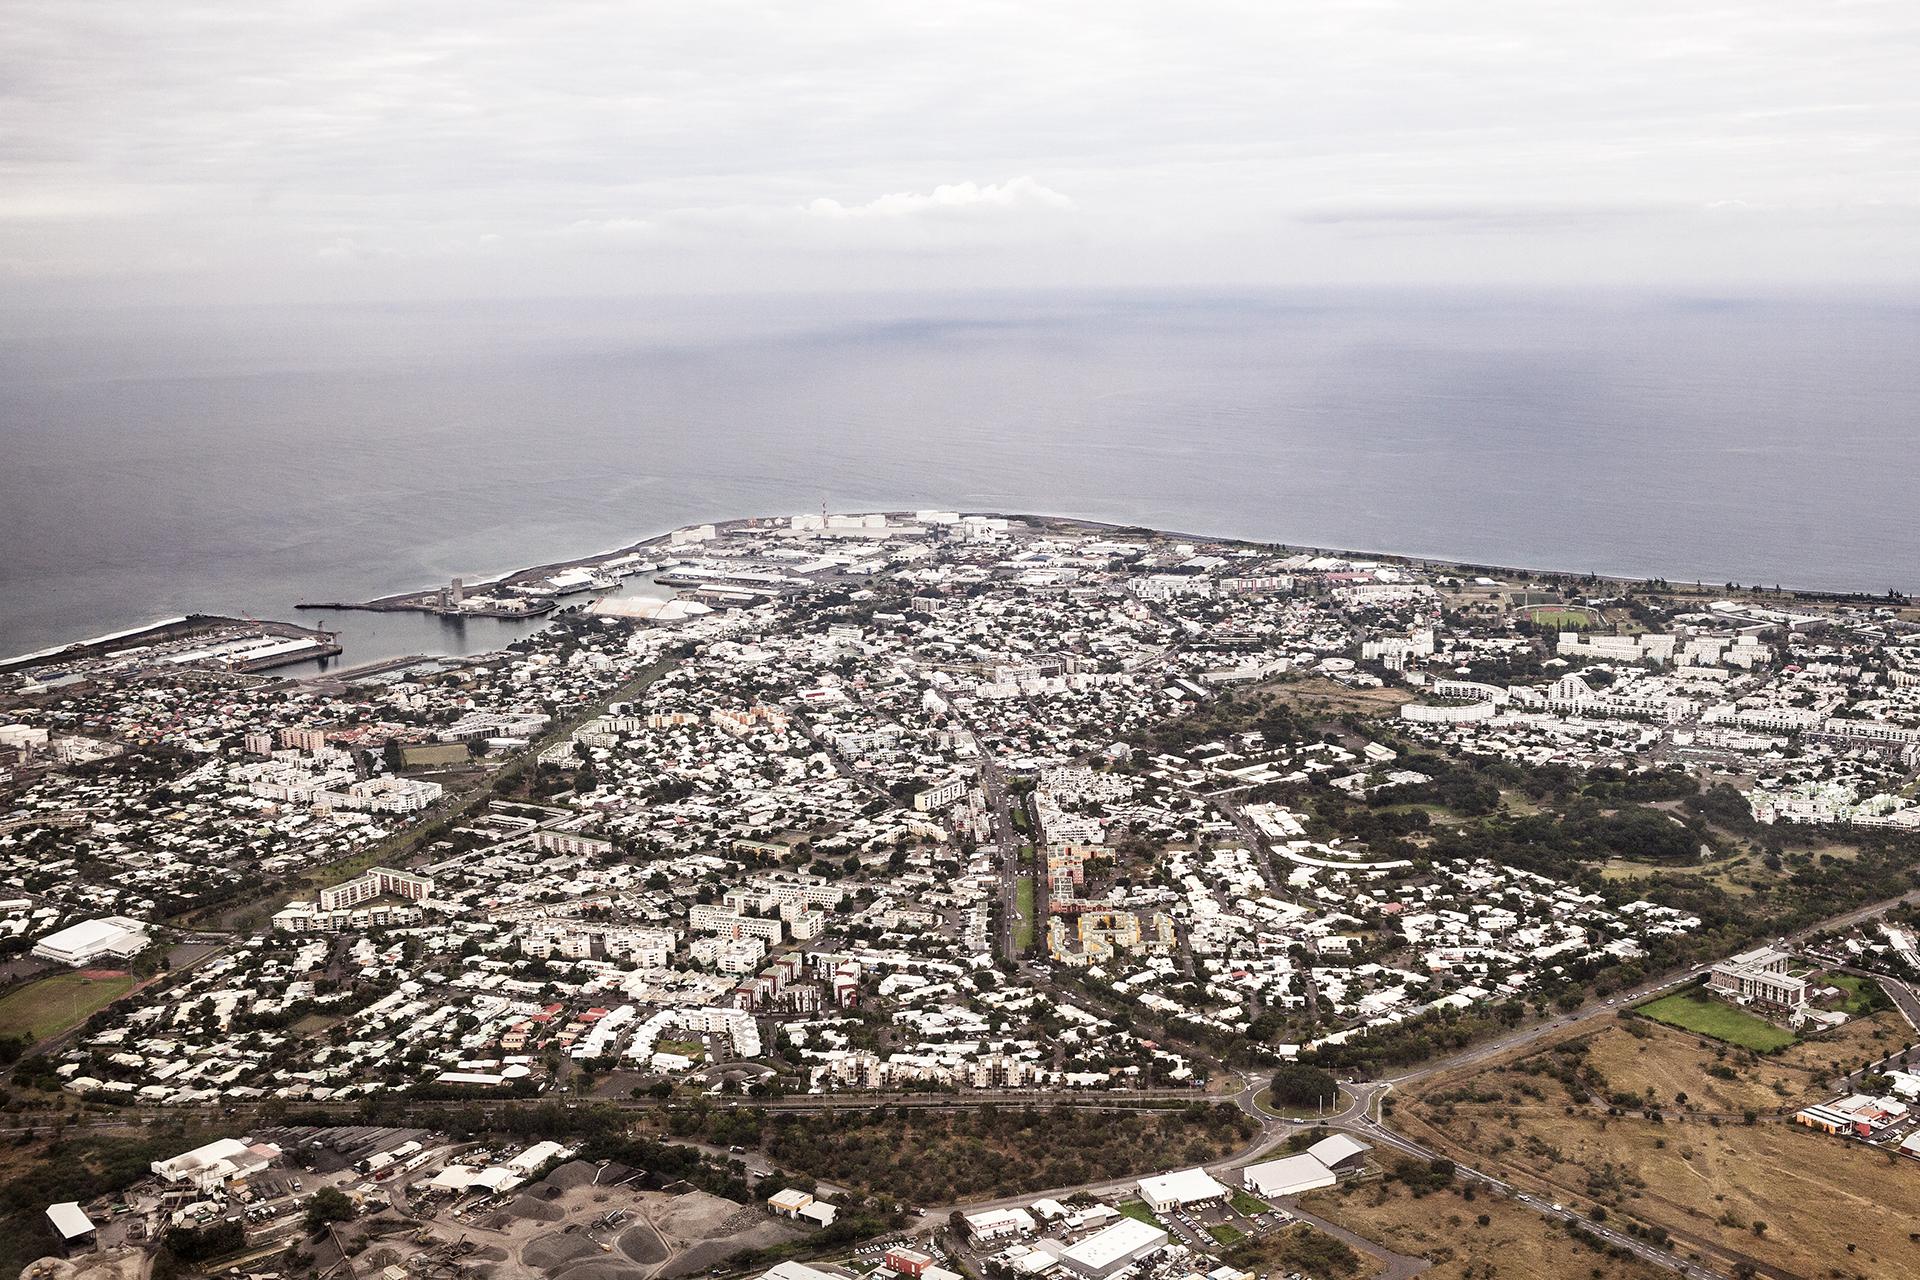 Le Port est sans doute le point le plus chaud de La Réunion. Arrachés au désert qui s'étend sur la pointe ouest de l'île, la ville et son port sont le centre stratégique du territoire. À la fois base navale, militaire, gare maritime, port de commerce, de pêche et de plaisance, le port de la Pointe des Galets est une plaque tournante historique pour les marchandises comme pour les populations qui ont formé le métissage de l'Île de la Réunion. Le passé industriel et populaire de la ville, sa culture prolétaire et cosmopolite, a forgé l'identité d'une population combative et fière de son histoire. Mais Le Port porte les stigmates de son héritage ouvrier. Dans cette ville composée à 80 % de quartiers HLM, les habitants subissent de plein fouet les problématiques économiques d'un département français où près de la moitié de la population vit sous le seuil de pauvreté.